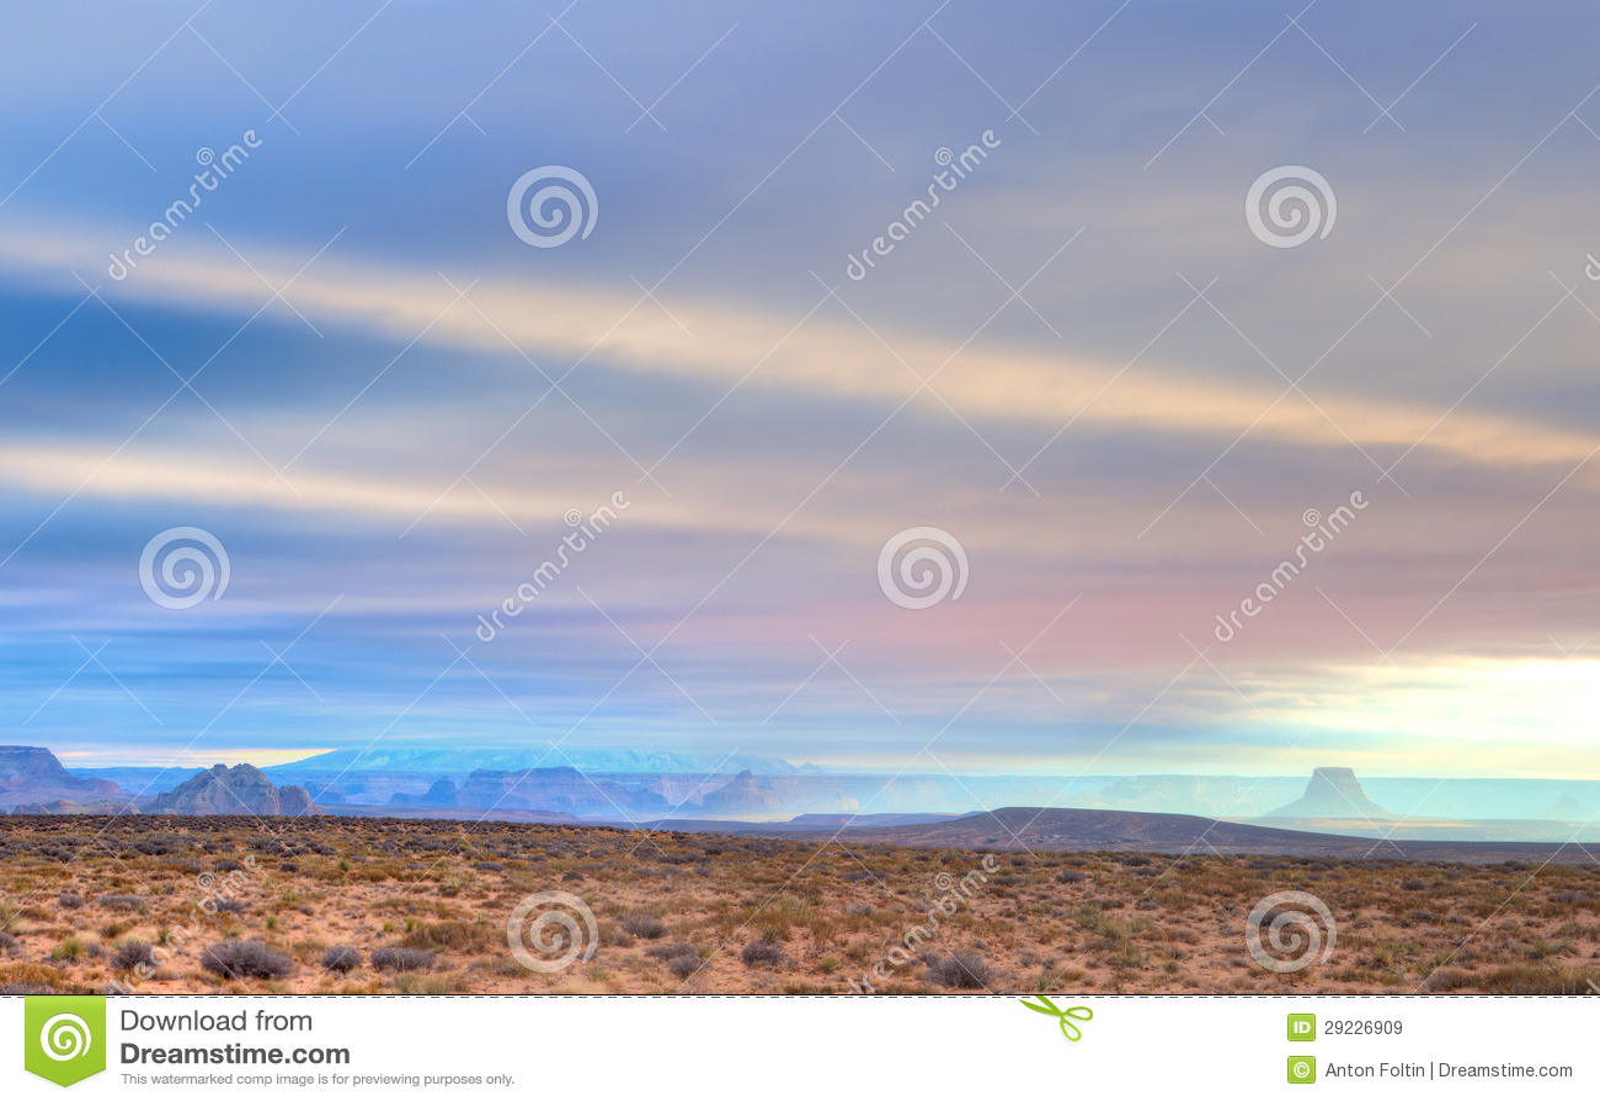 Download Rocha solitária imagem de stock. Imagem de arizona, lago - 29226909